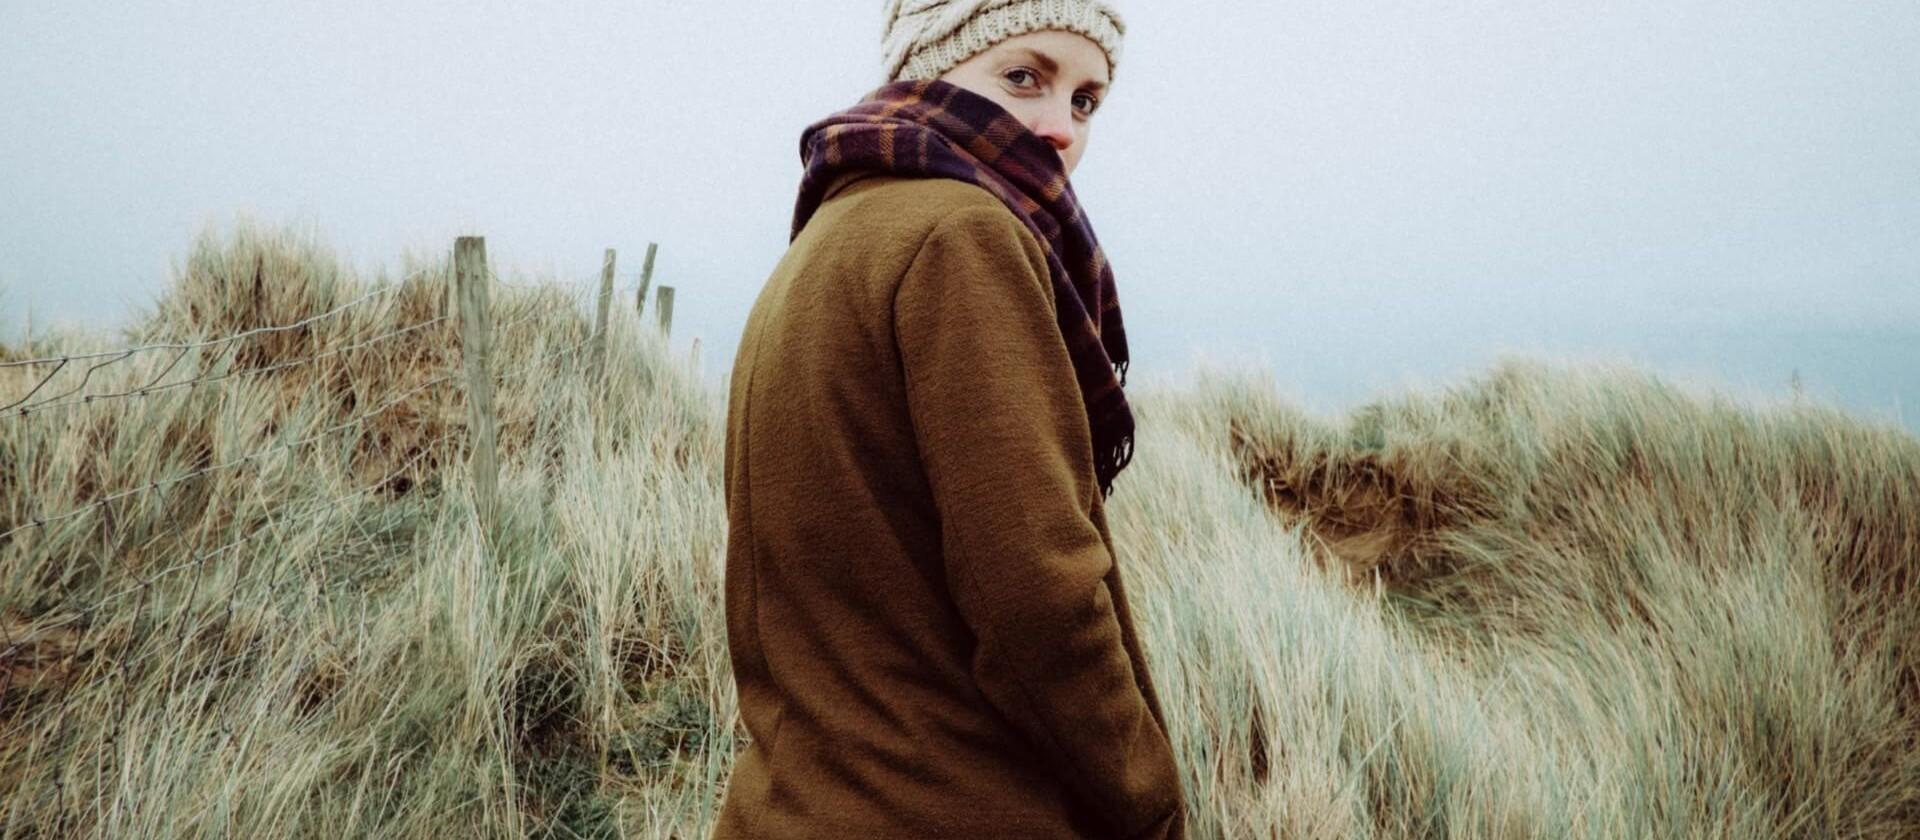 nos 5 meilleures vestes femme pour passer l hiver bien au chaud. Black Bedroom Furniture Sets. Home Design Ideas